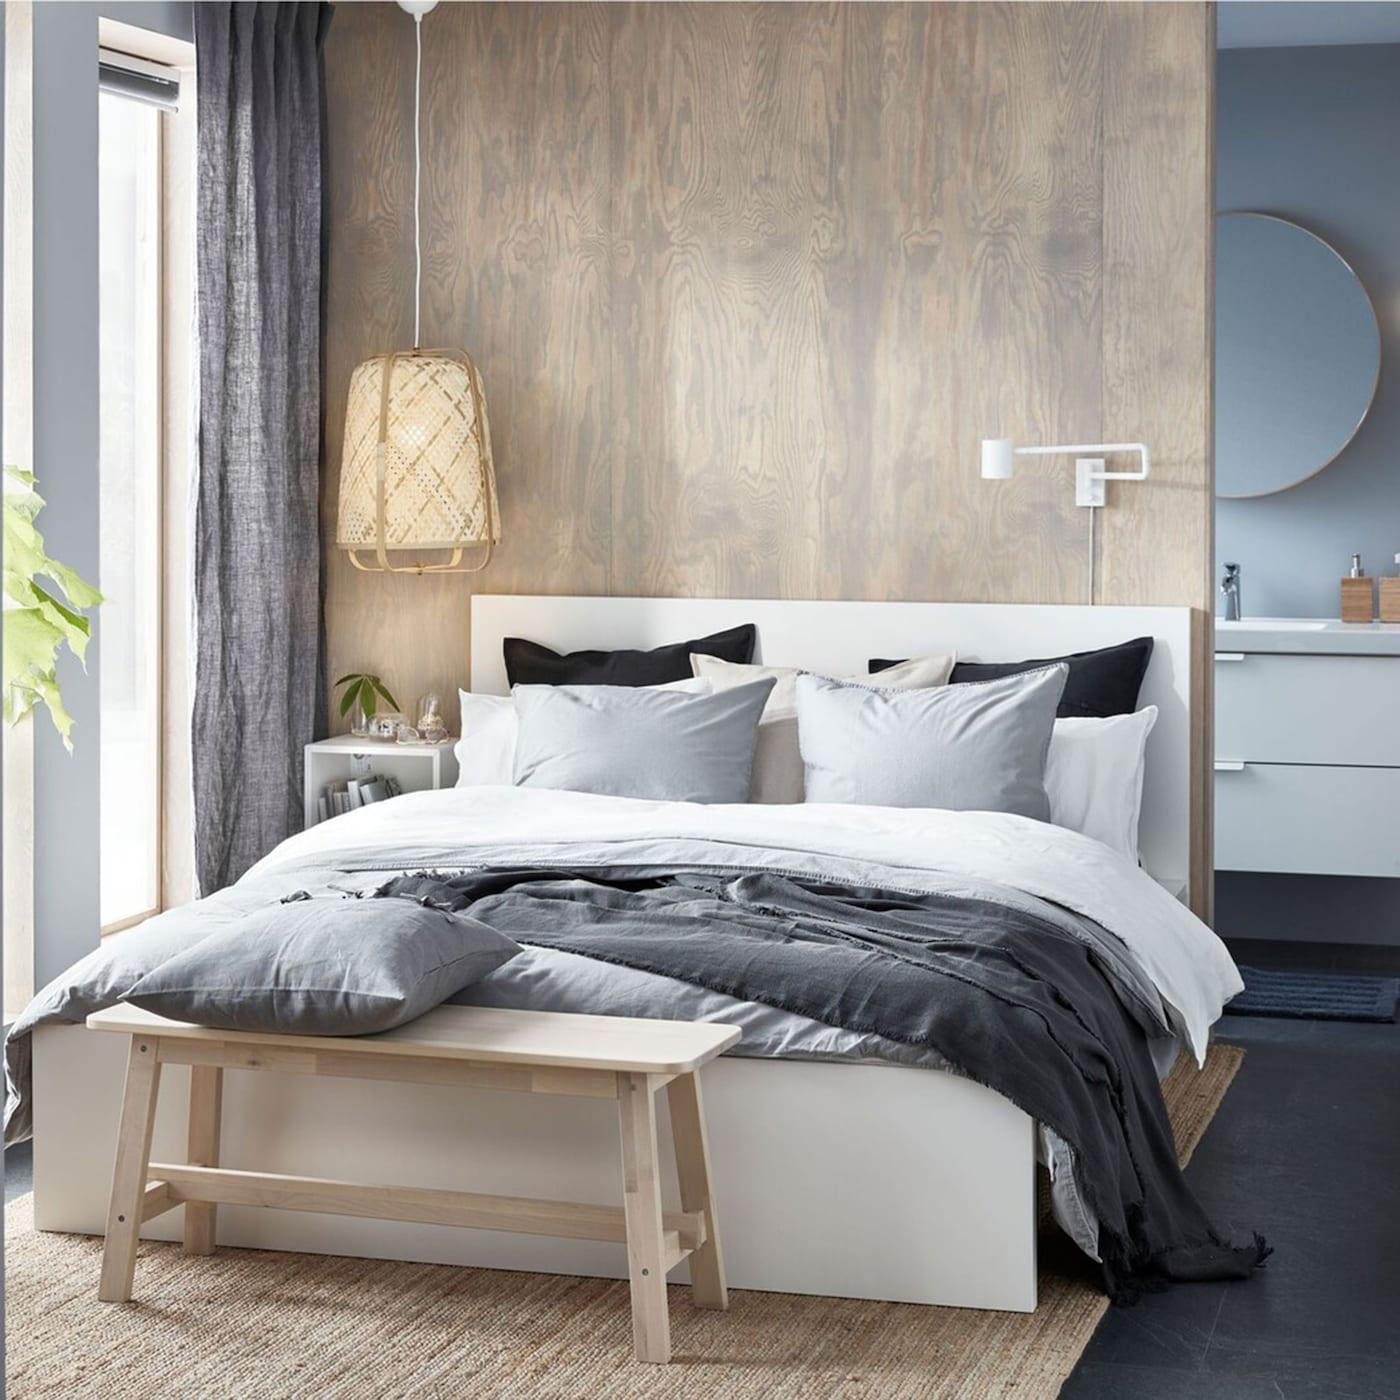 Full Size of Schrankbett 180x200 Ikea Einrichtungsideen Inspirationen Schlafzimmer Schweiz Amazon Betten Bett Weiß Massiv Bettkasten Nussbaum Eiche Modulküche Mit Wohnzimmer Schrankbett 180x200 Ikea